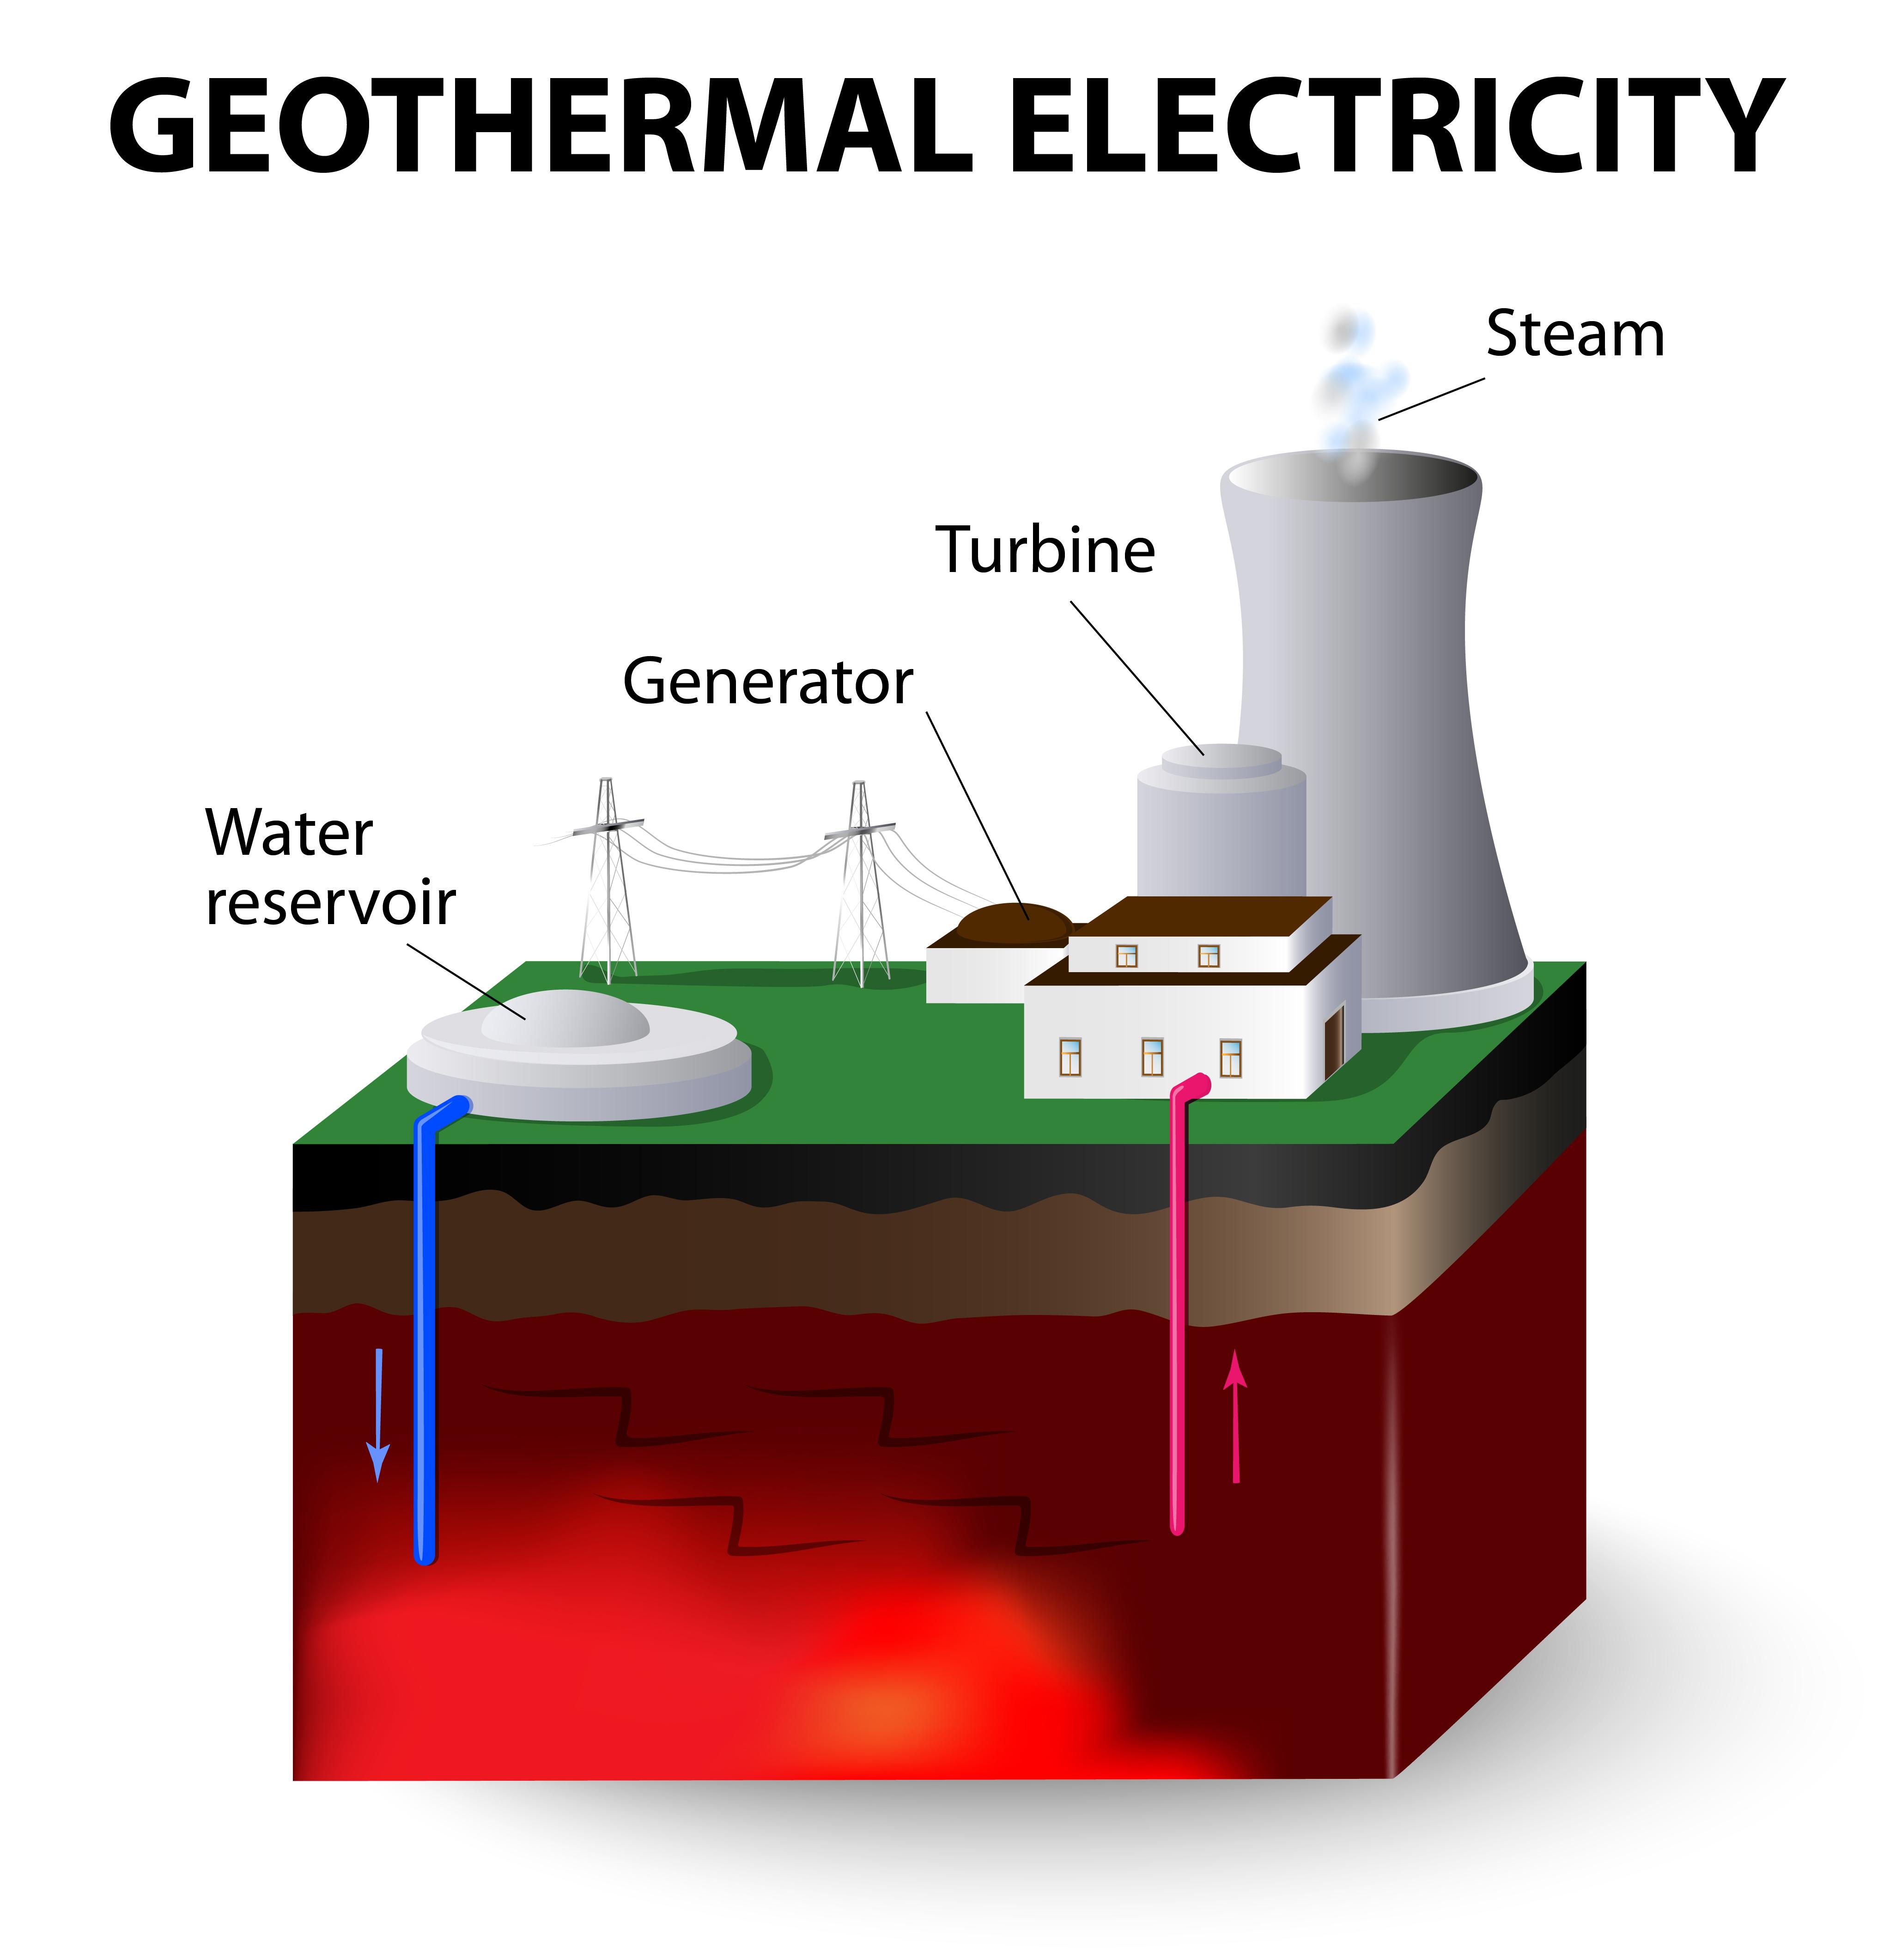 geothermal_electricity.jpg